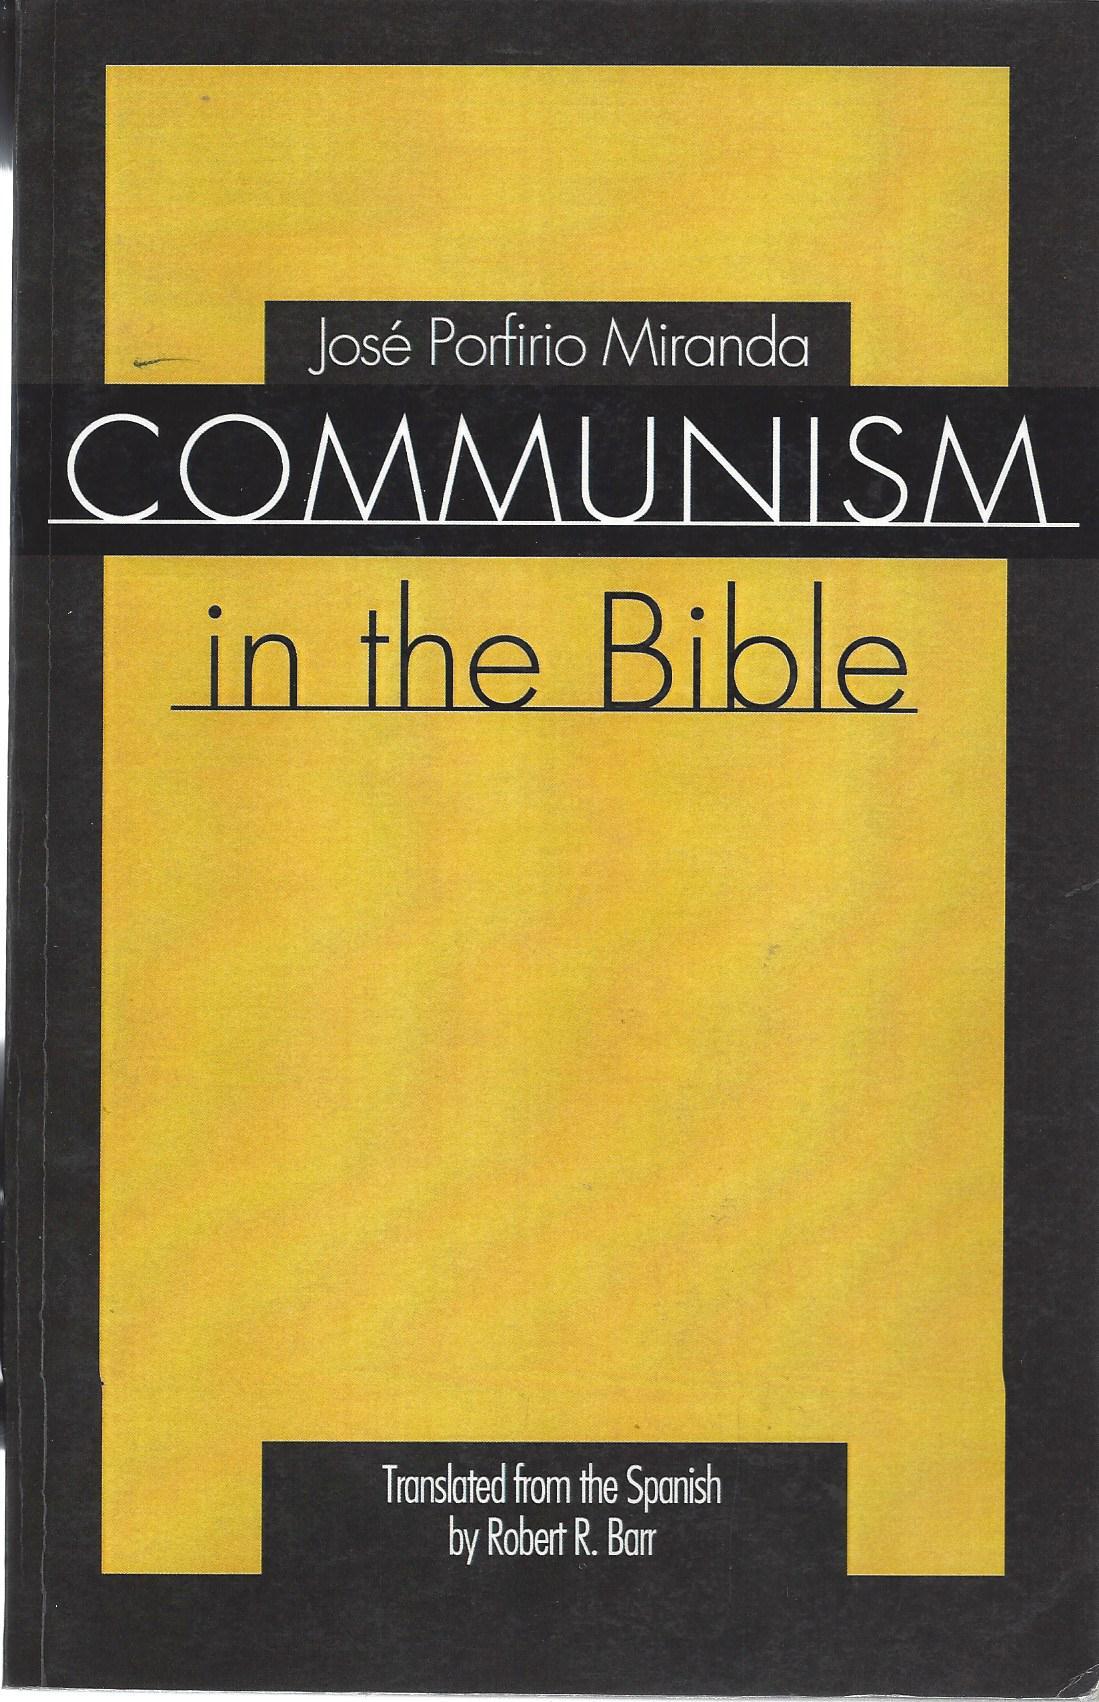 communism-in-the-bible-primera-edici%c2%a2n-publishers-edici%c2%a2n-2004